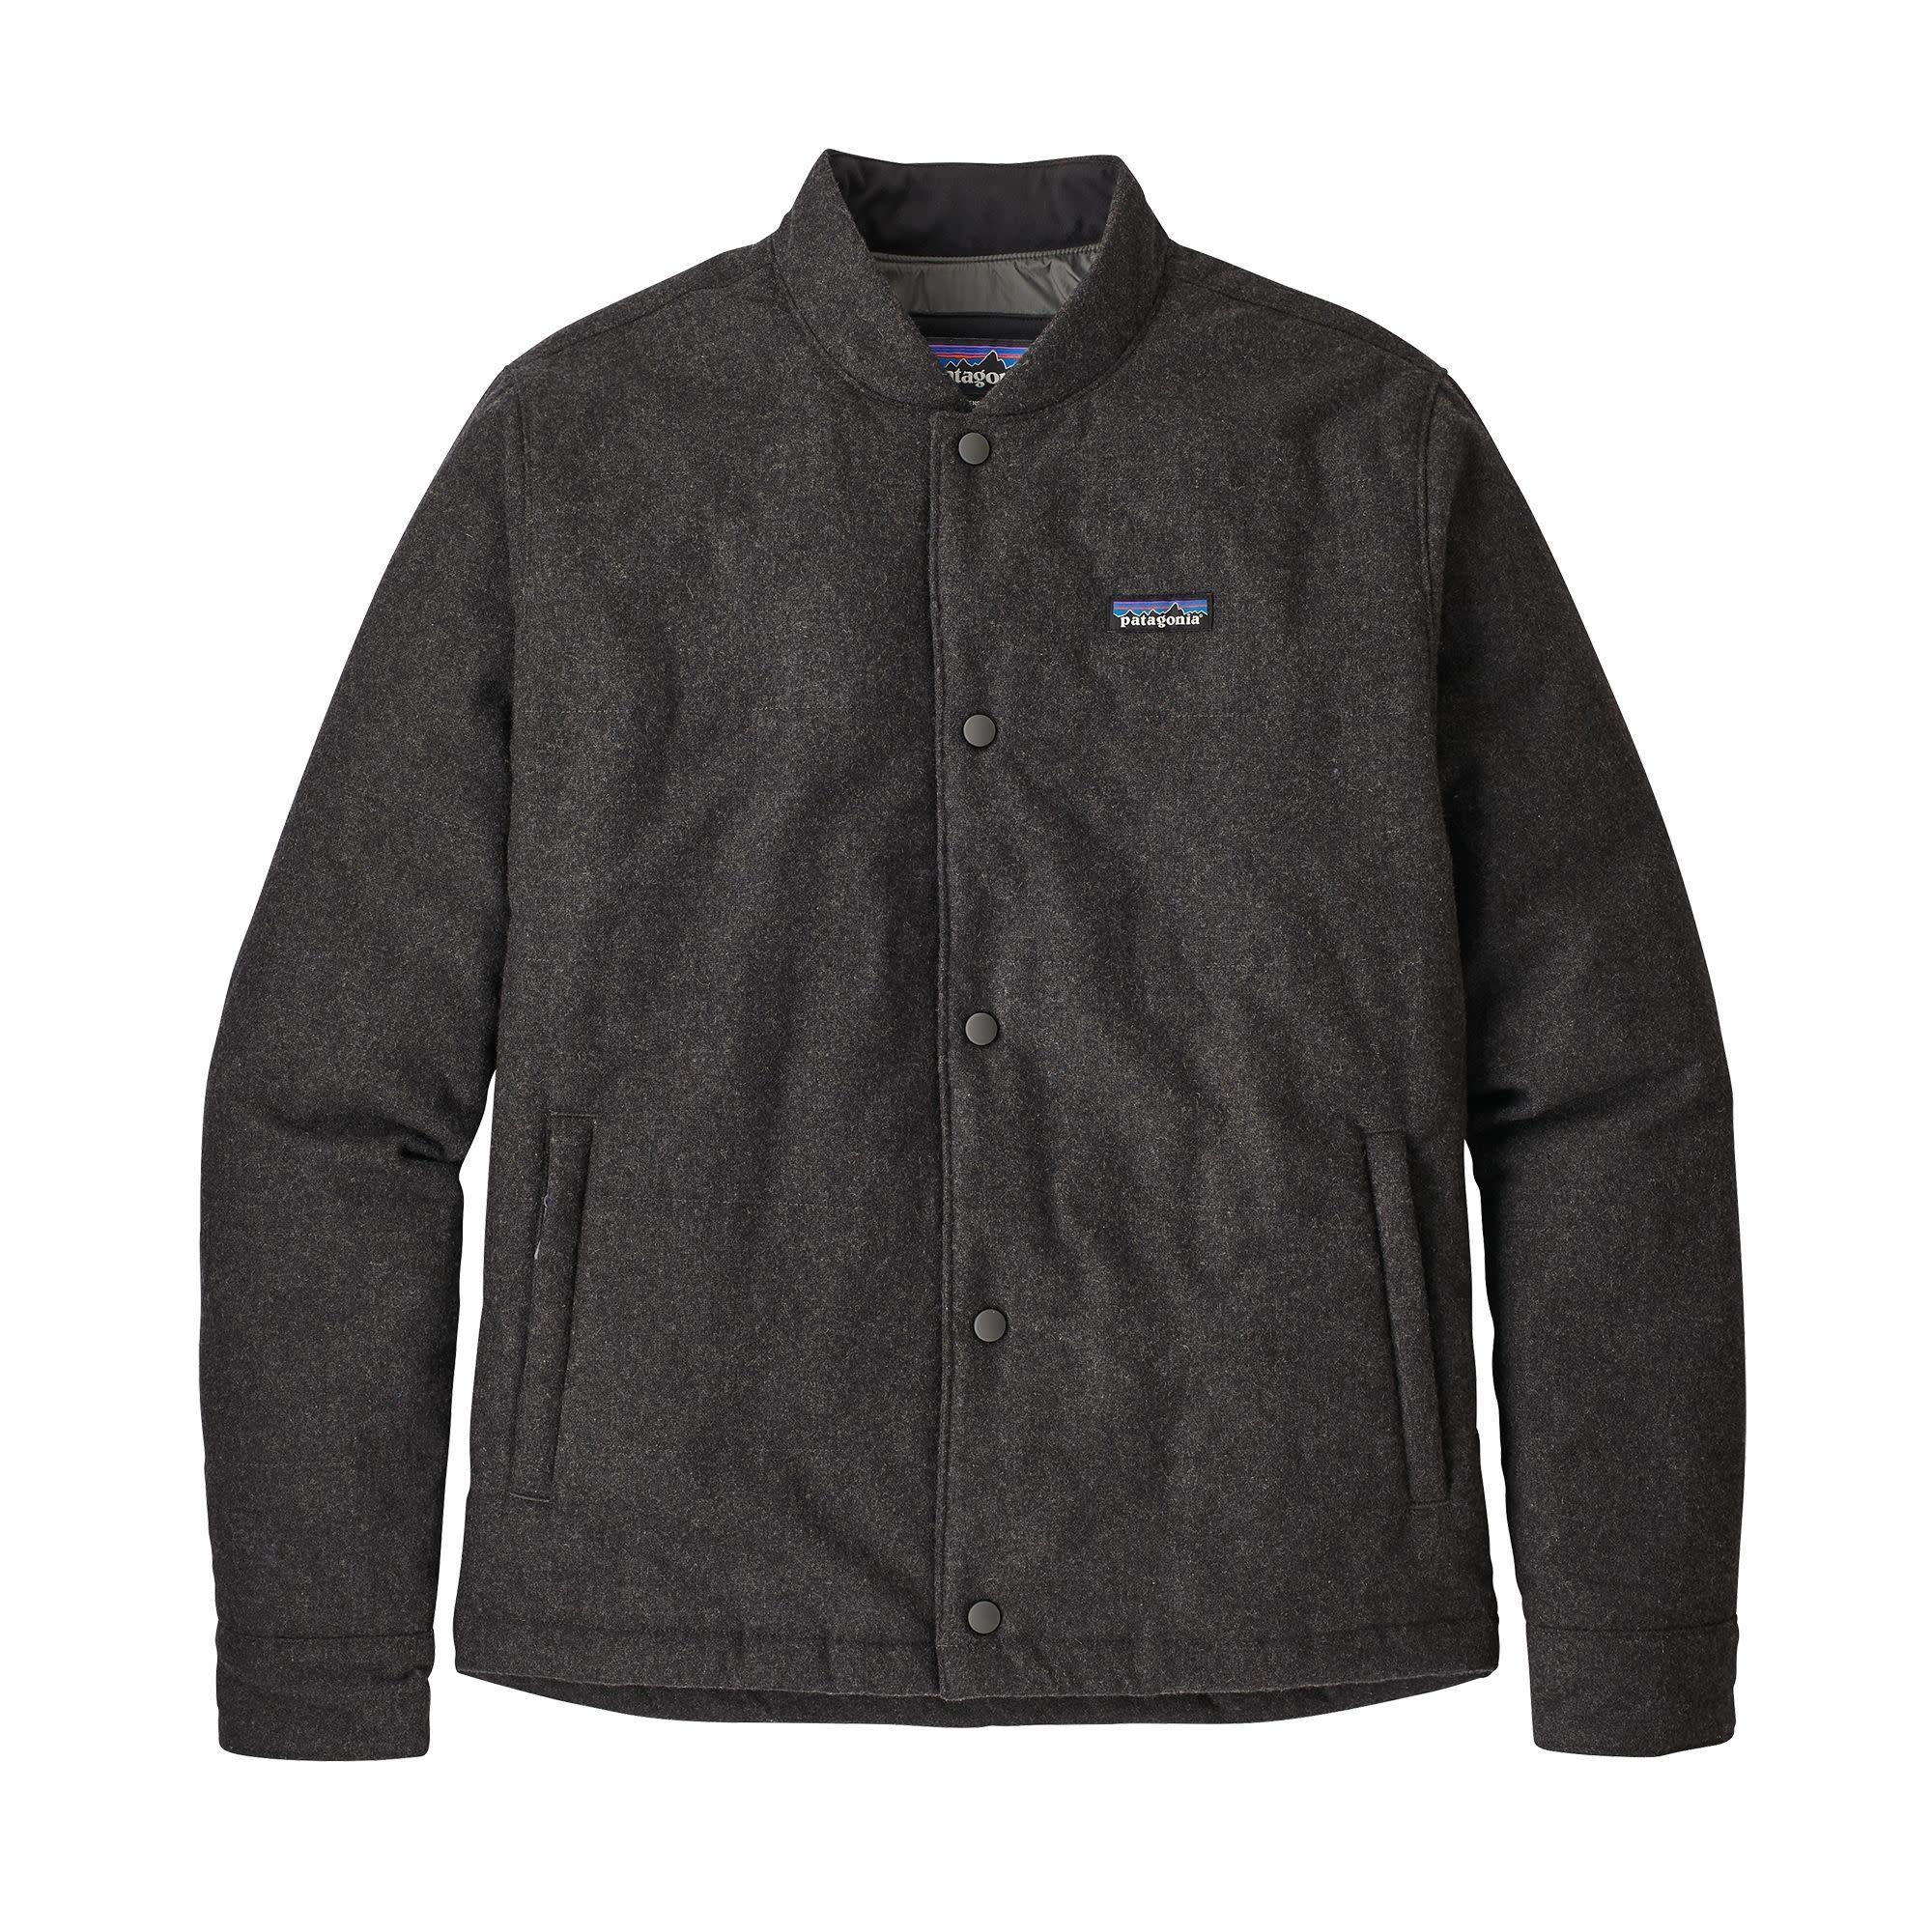 Patagonia Patagonia M's Recycled Wool Bomber Jacket